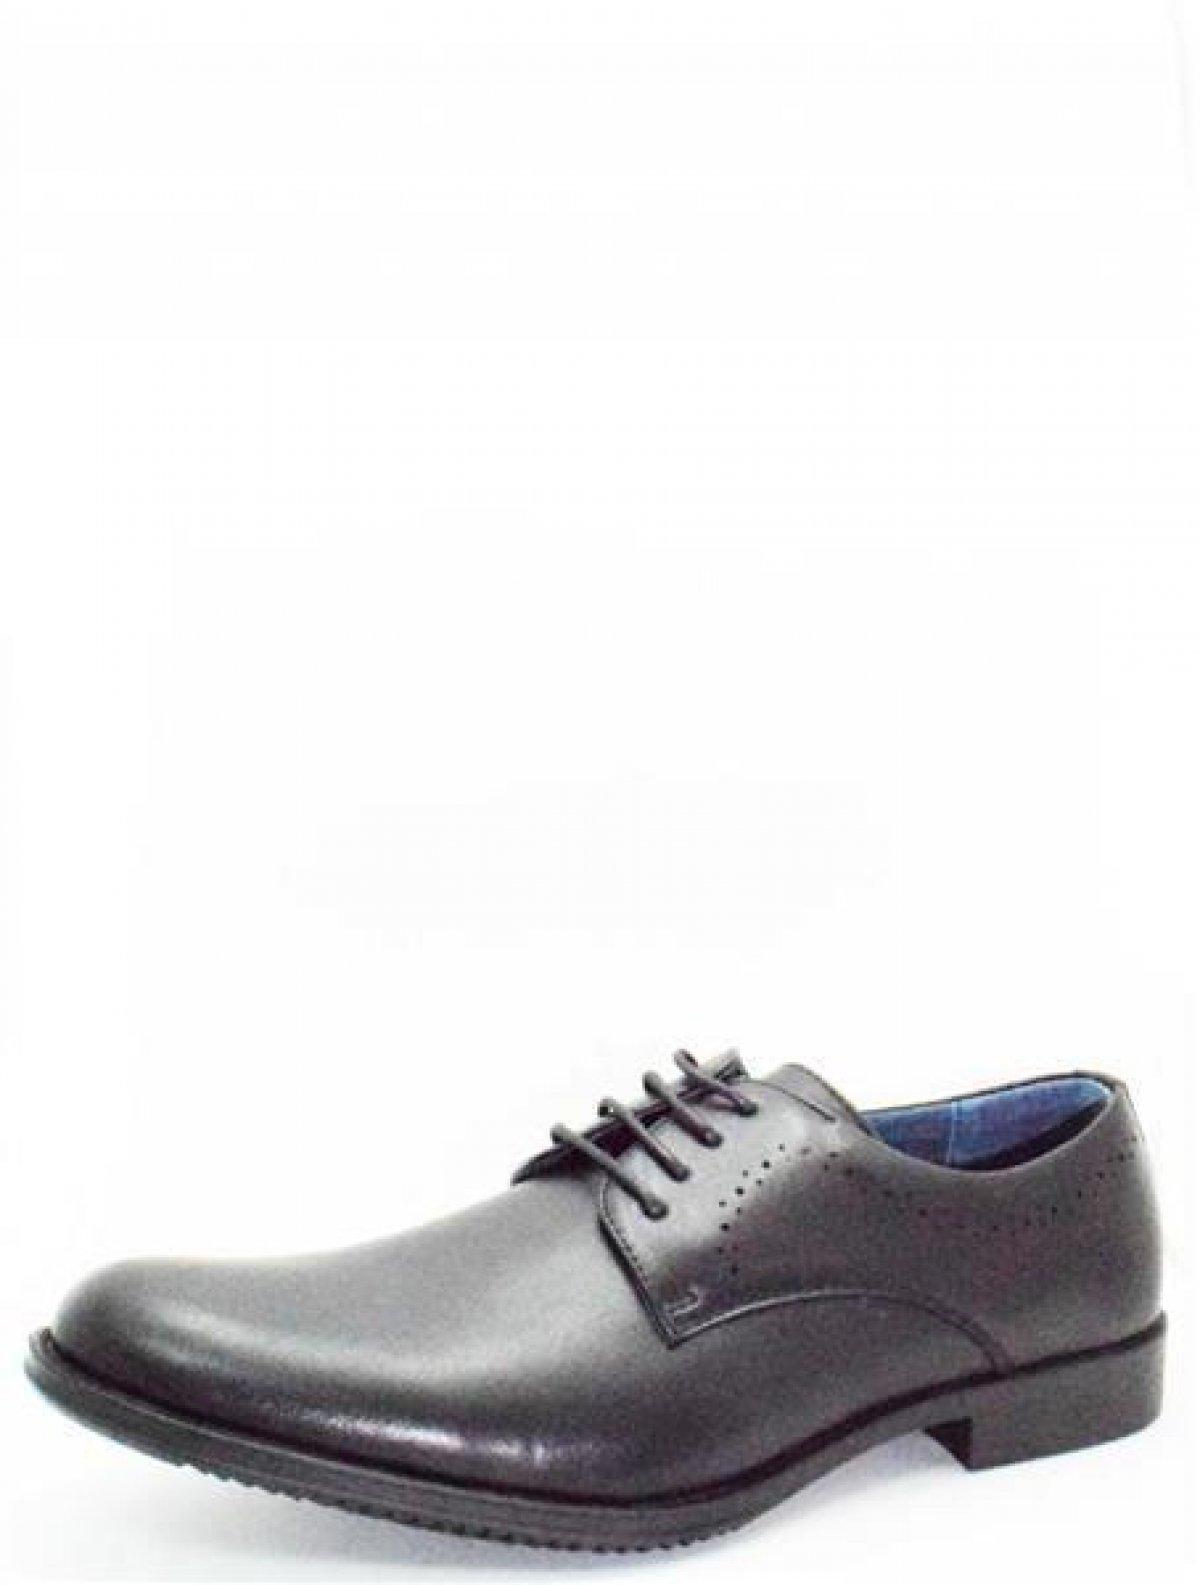 167160/02-01 туфли мужские